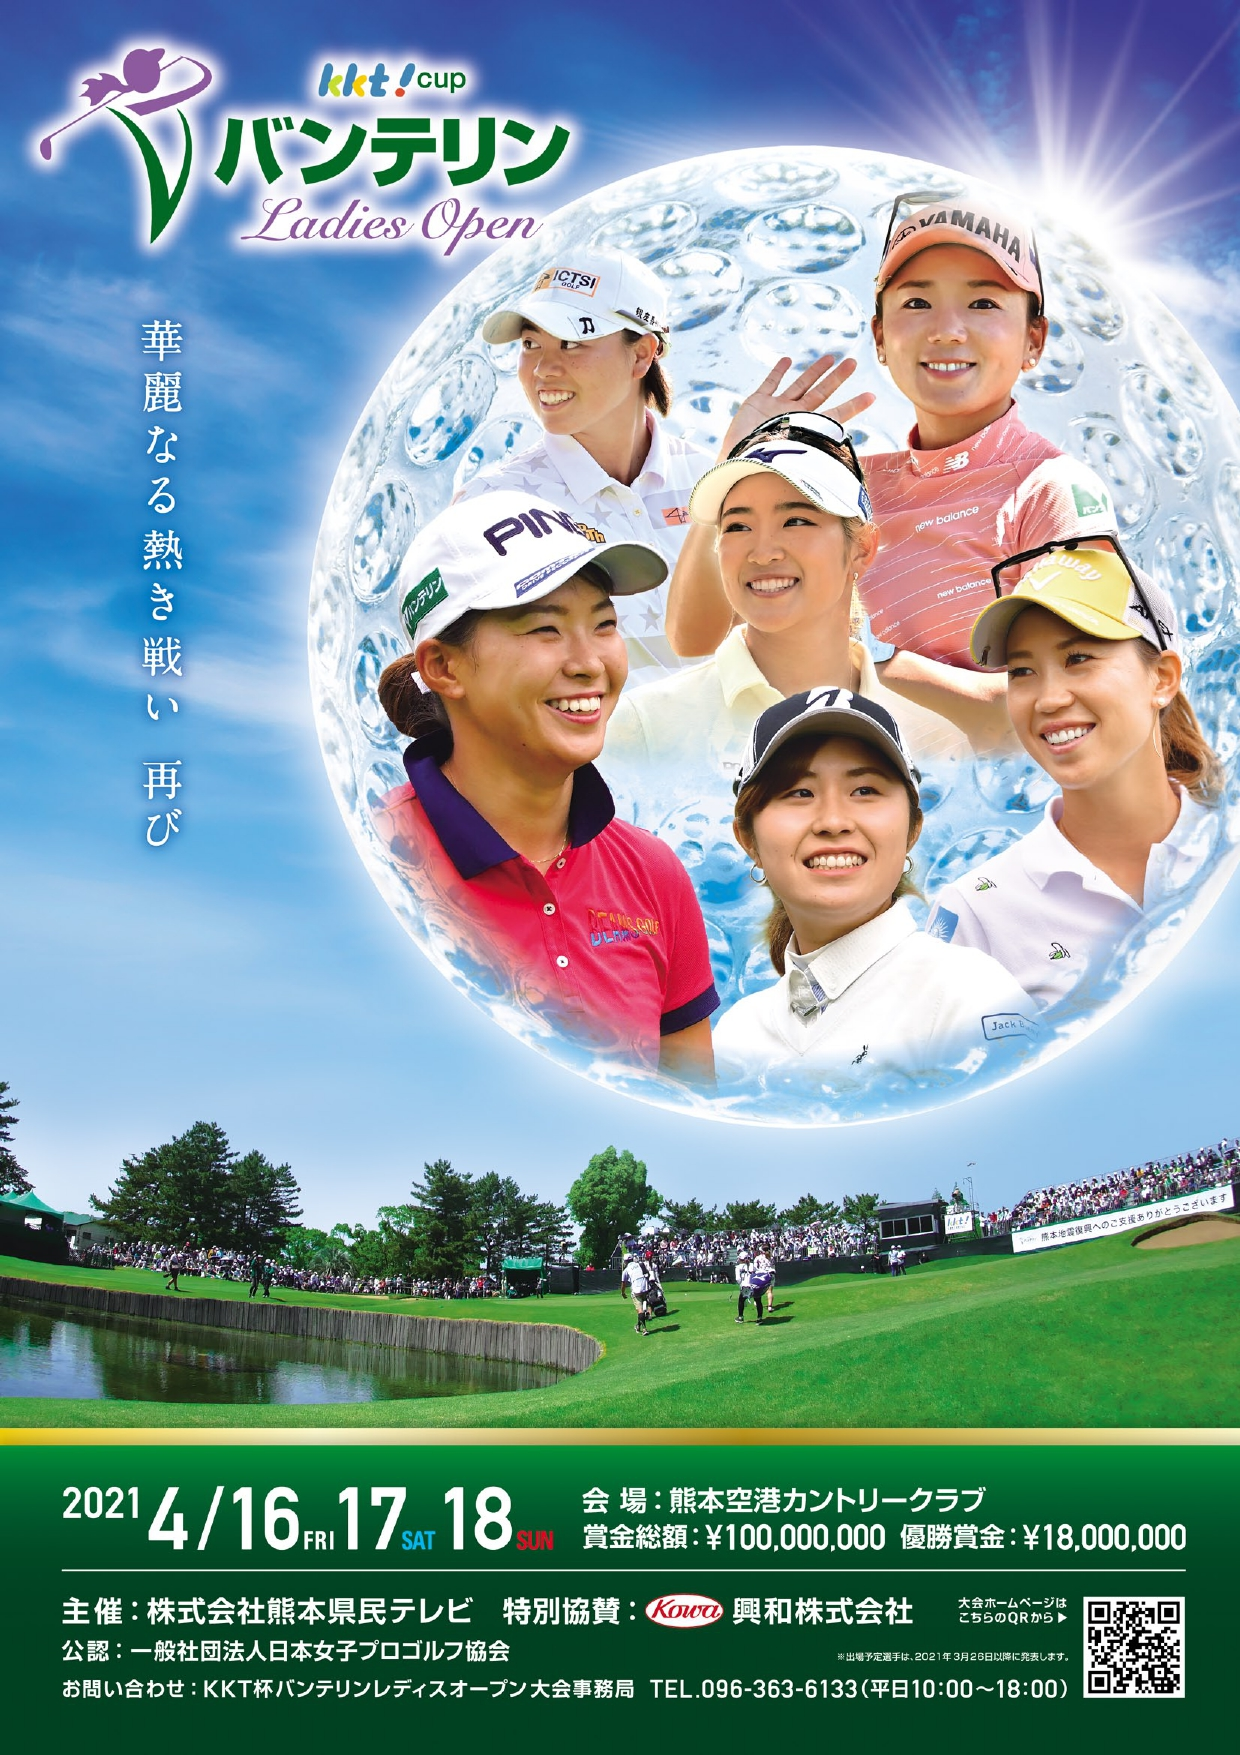 KKTcup VANTELIN Ladies Open